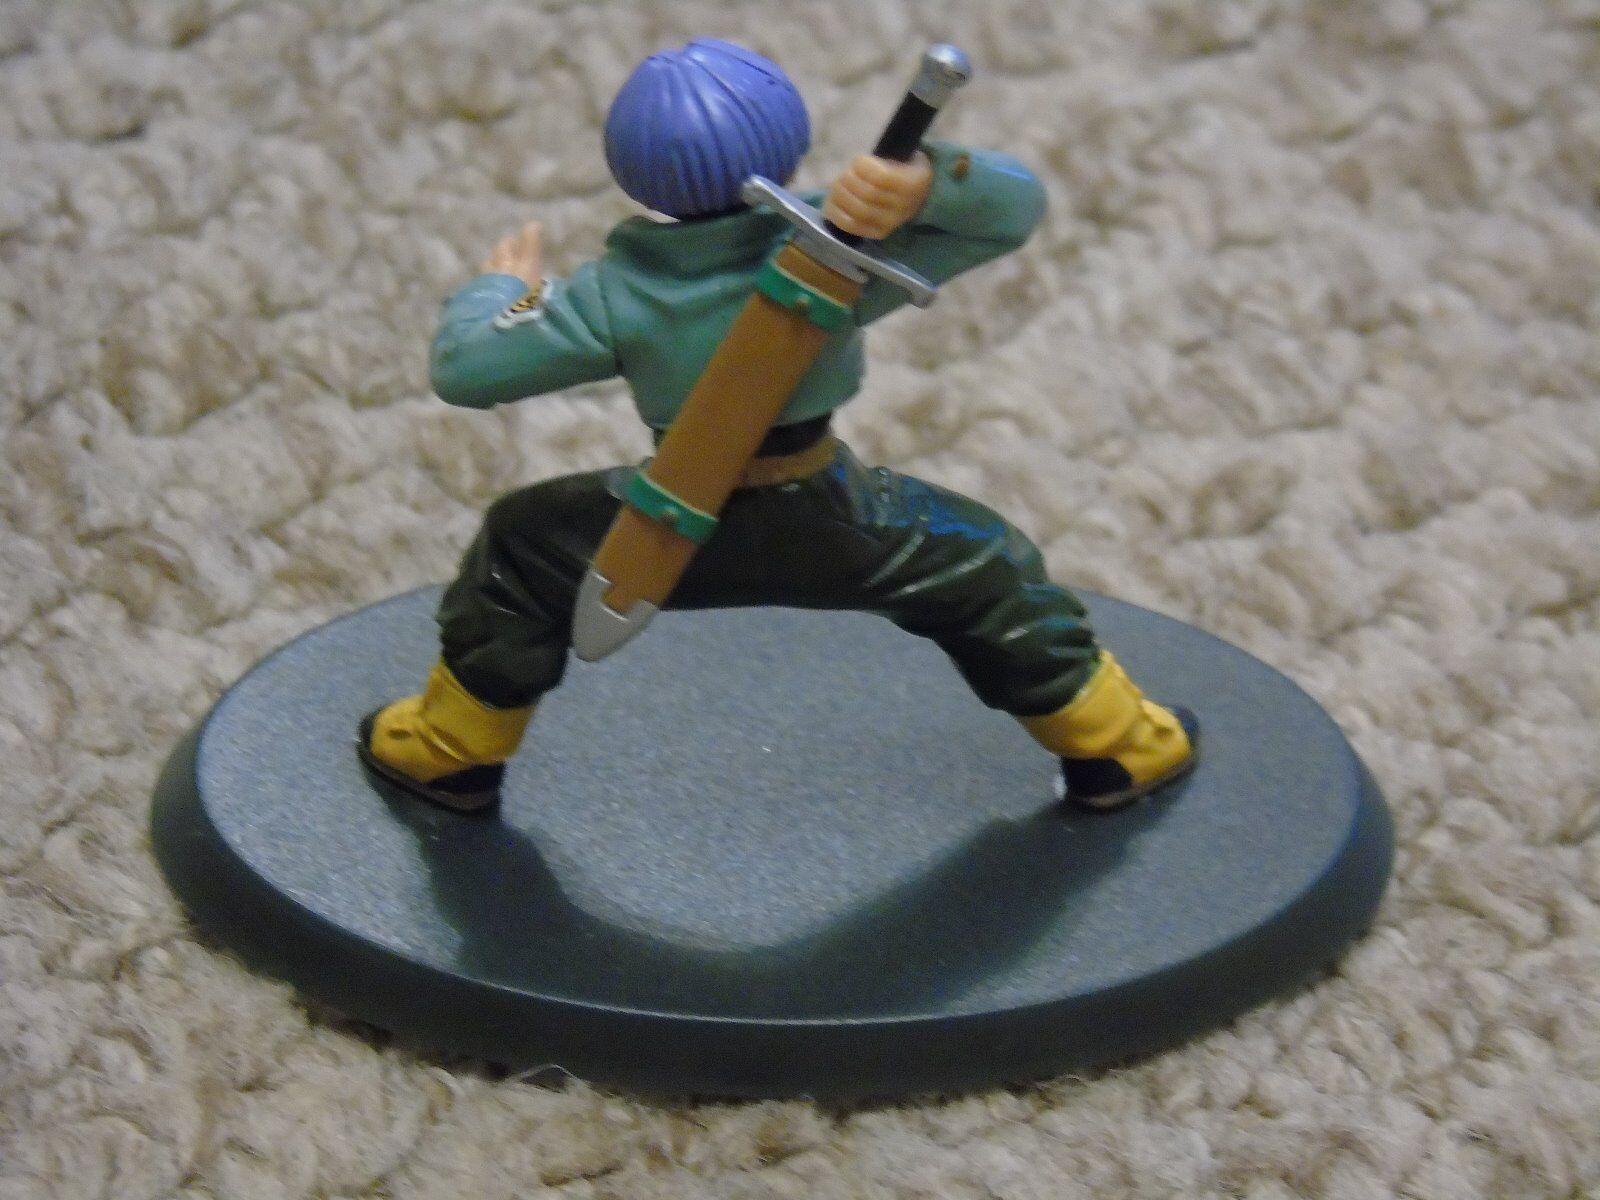 Dragonball Z Z Z Figure Shueisha Trunks Legend of Manga Anime 1984 3510c2